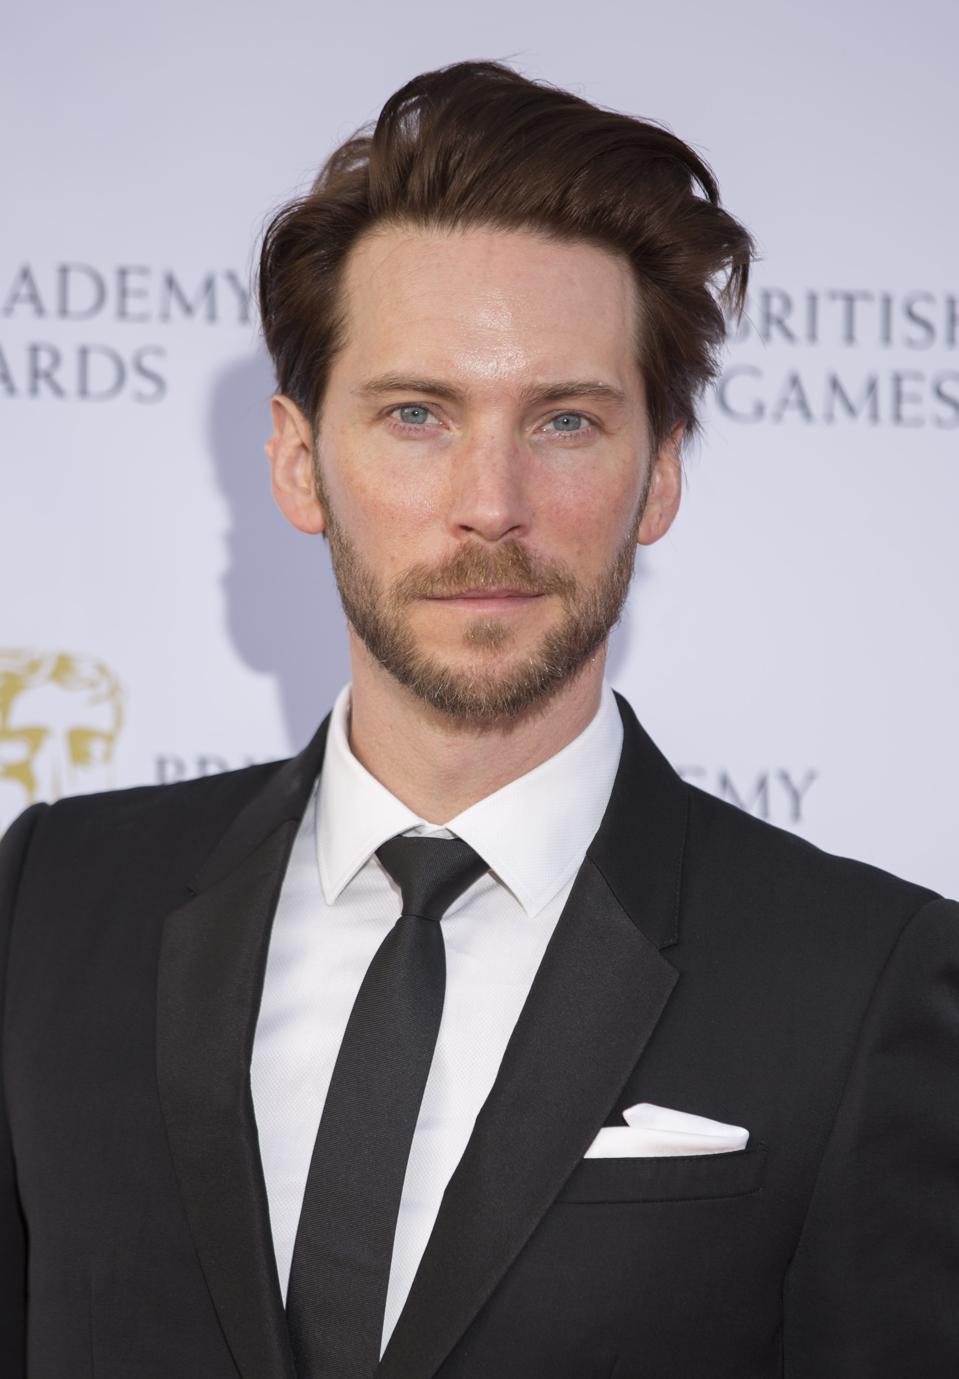 BAFTA Games Awards - Red Carpet Arrivals